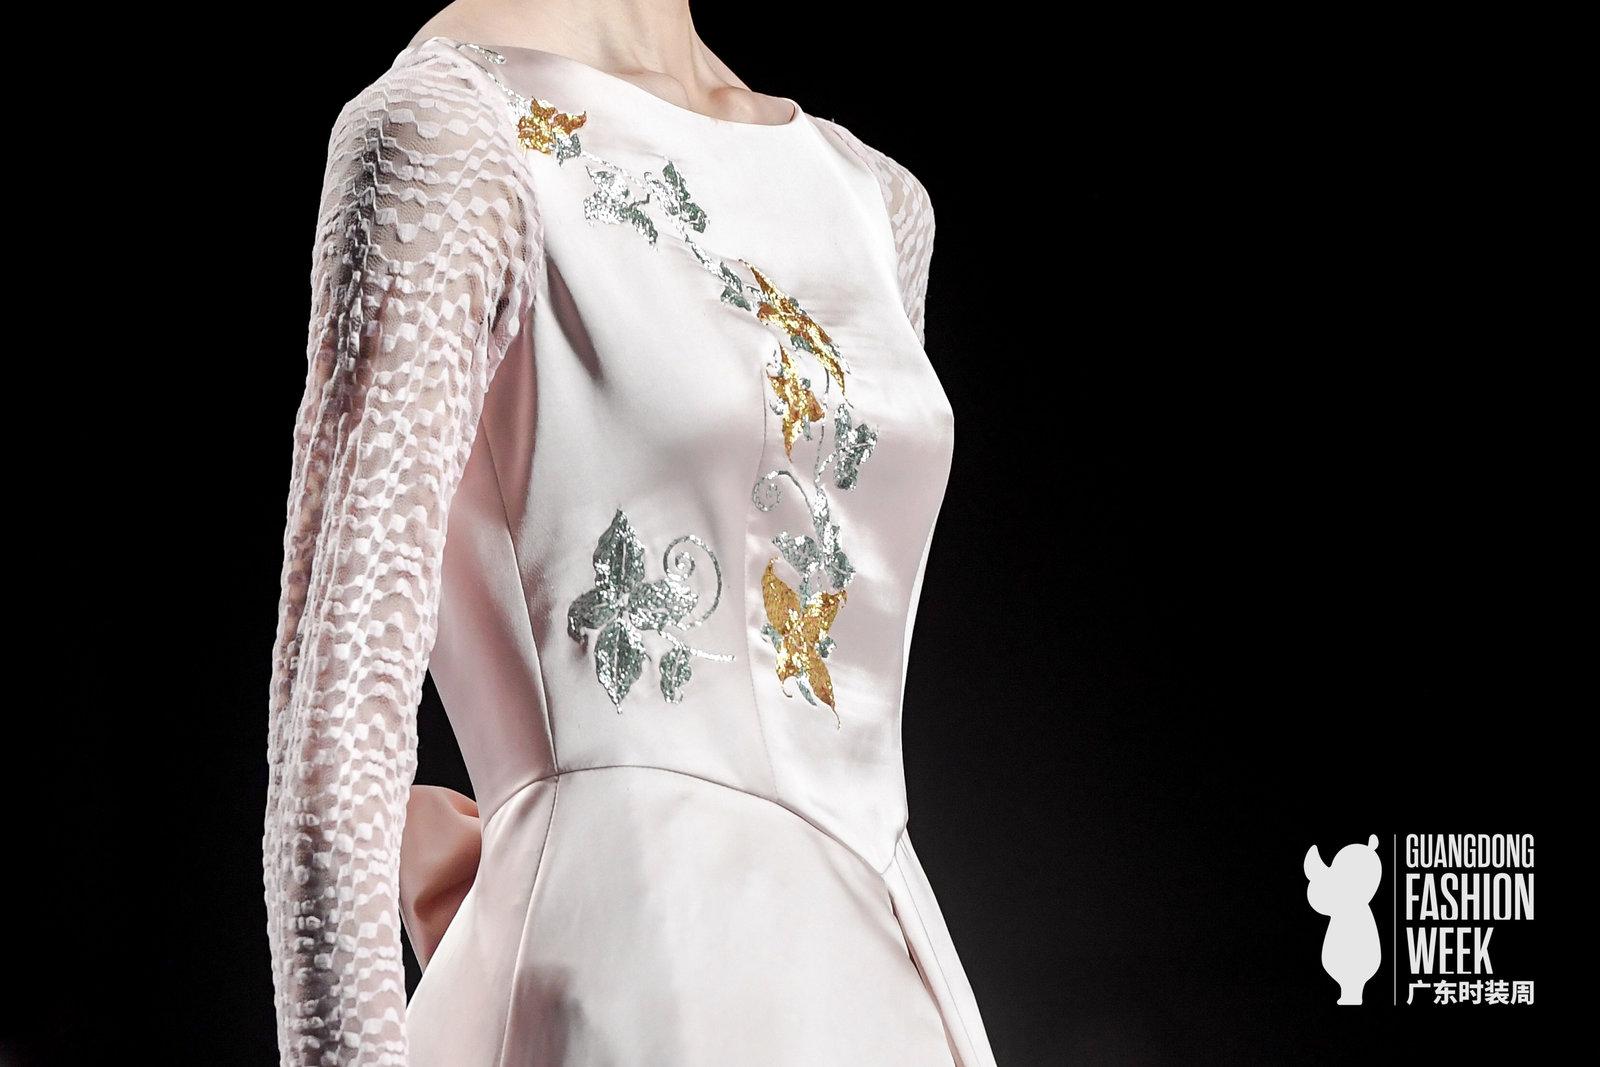 陈乔:非遗广绣一针一线,还原中式嫁衣之美